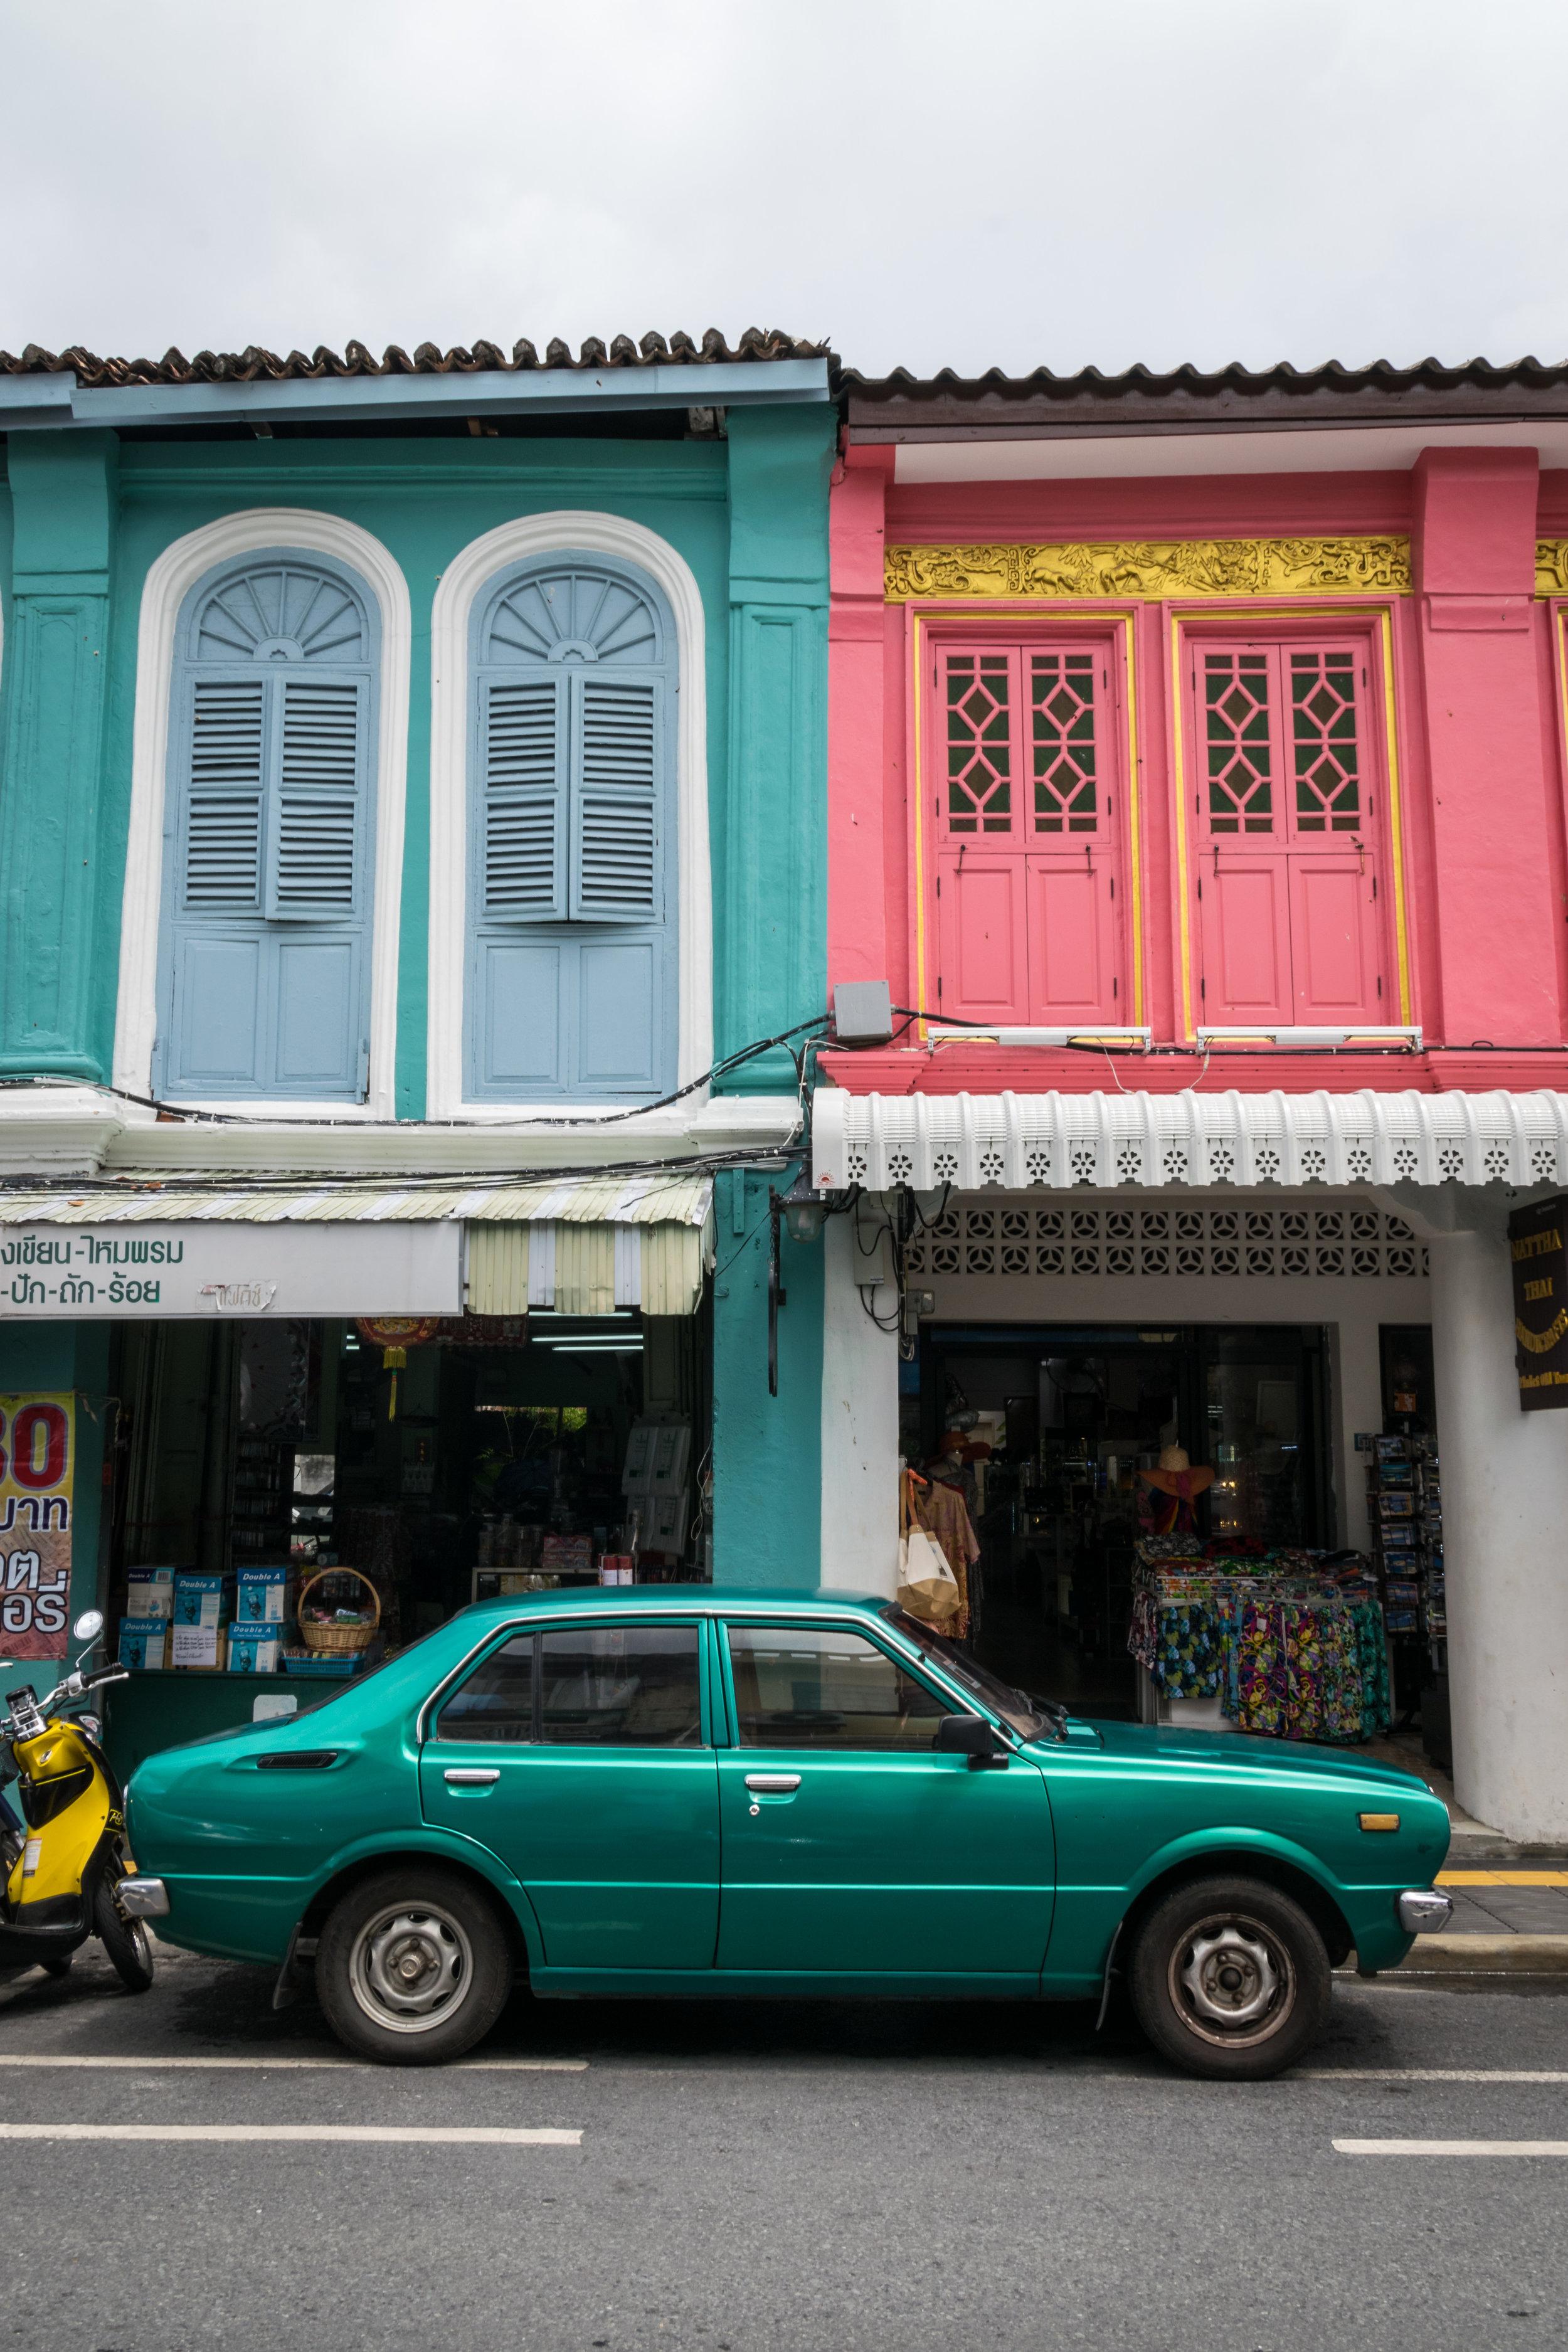 Phuket Old Town buildings-14.jpg